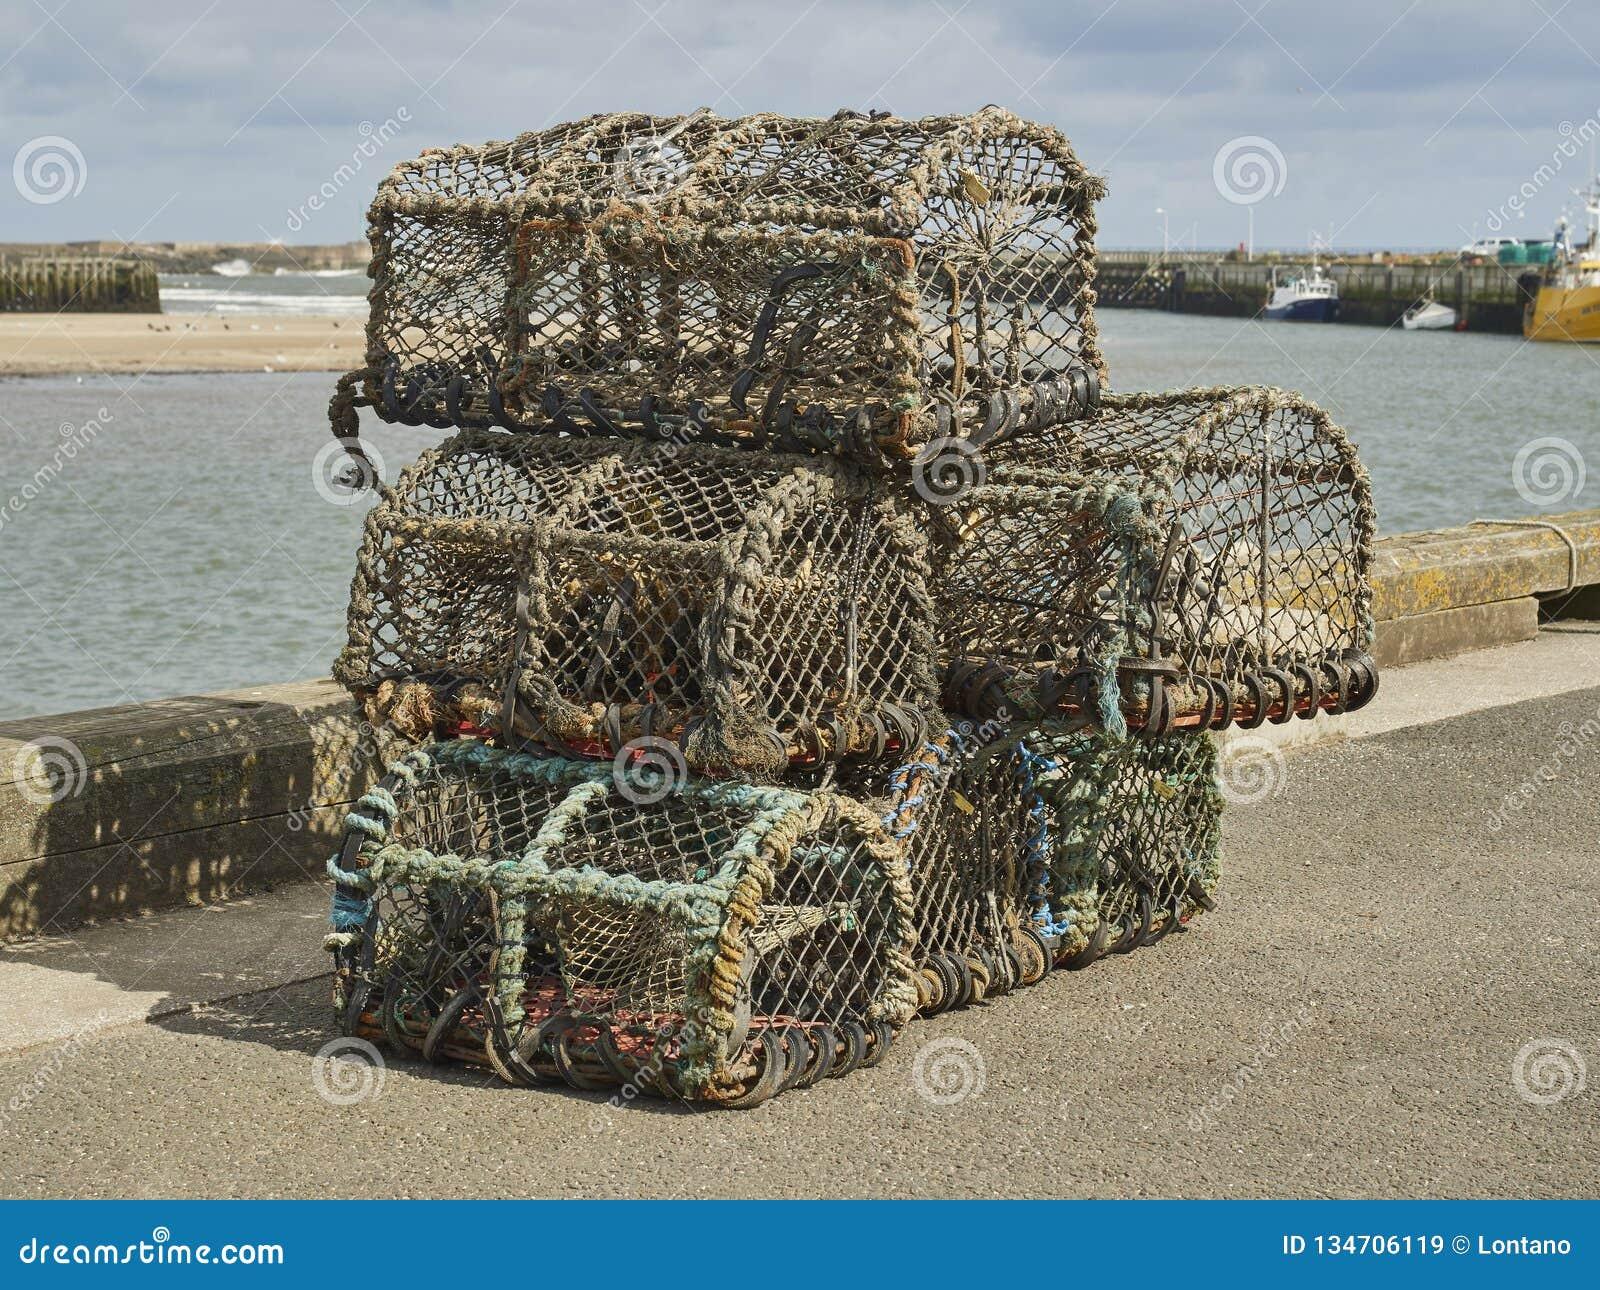 Nasse per crostacei impilate sul porto